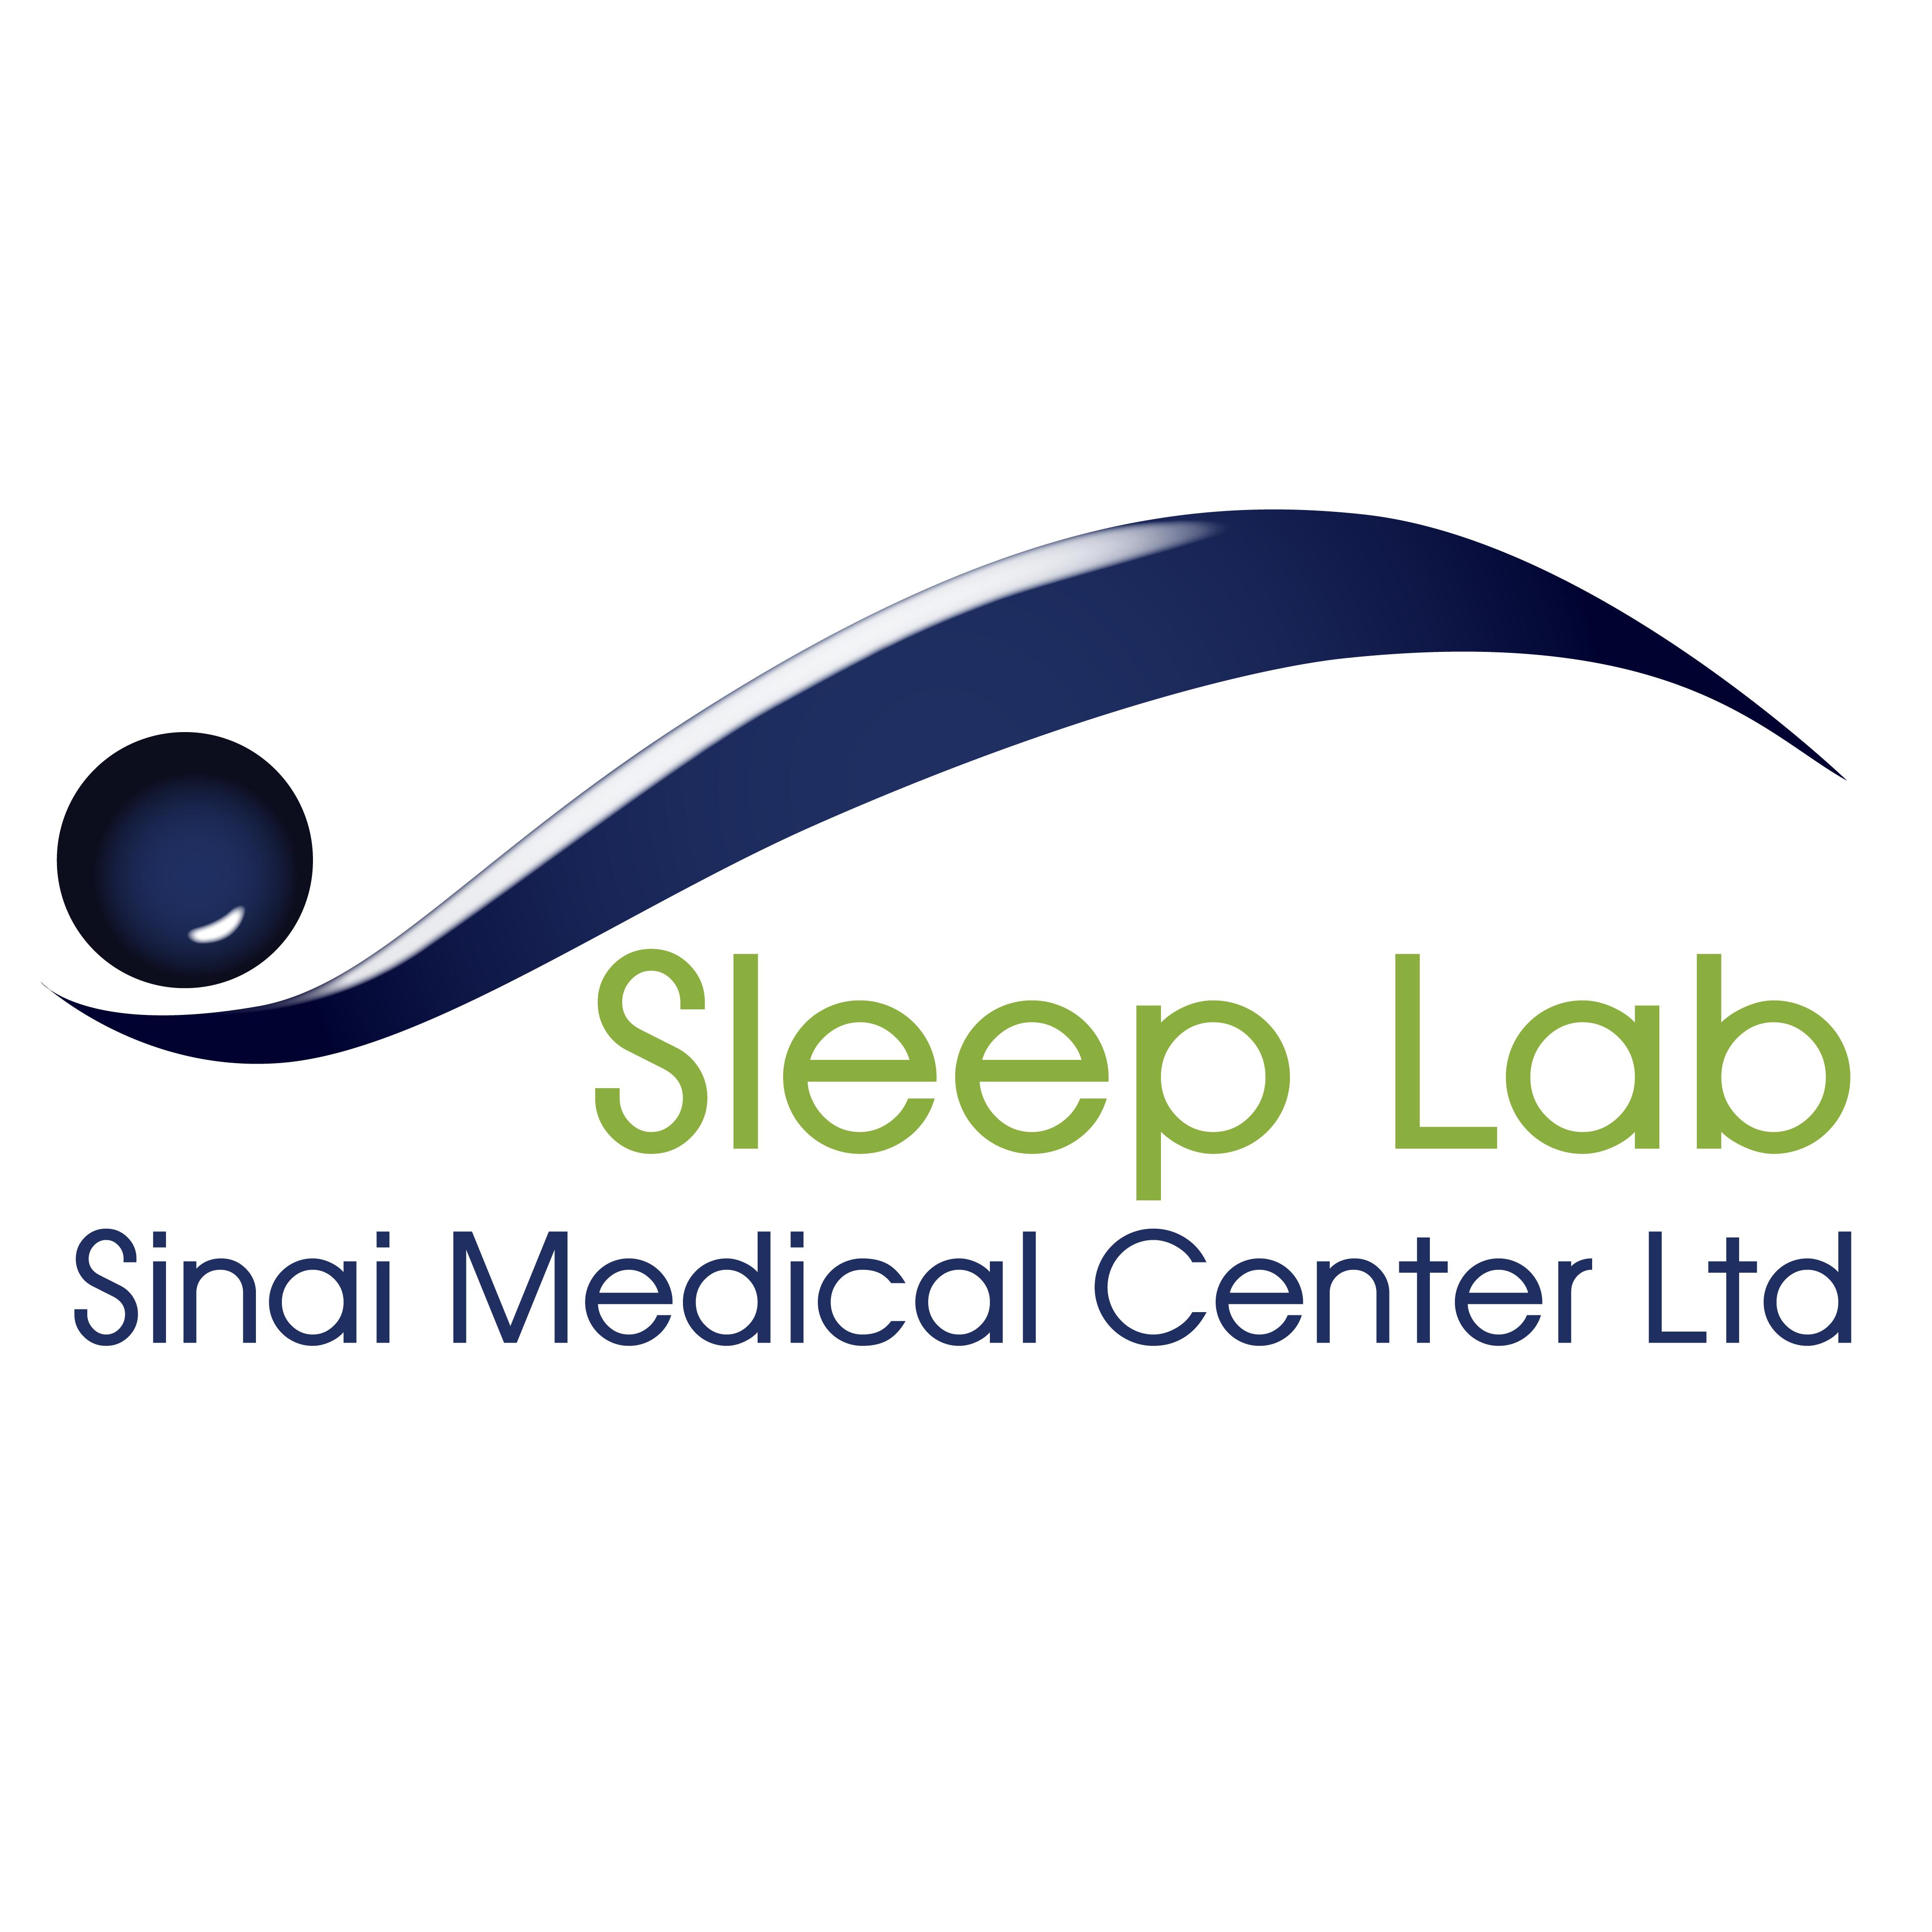 Sleep Lab at Sinai Medical Center image 4